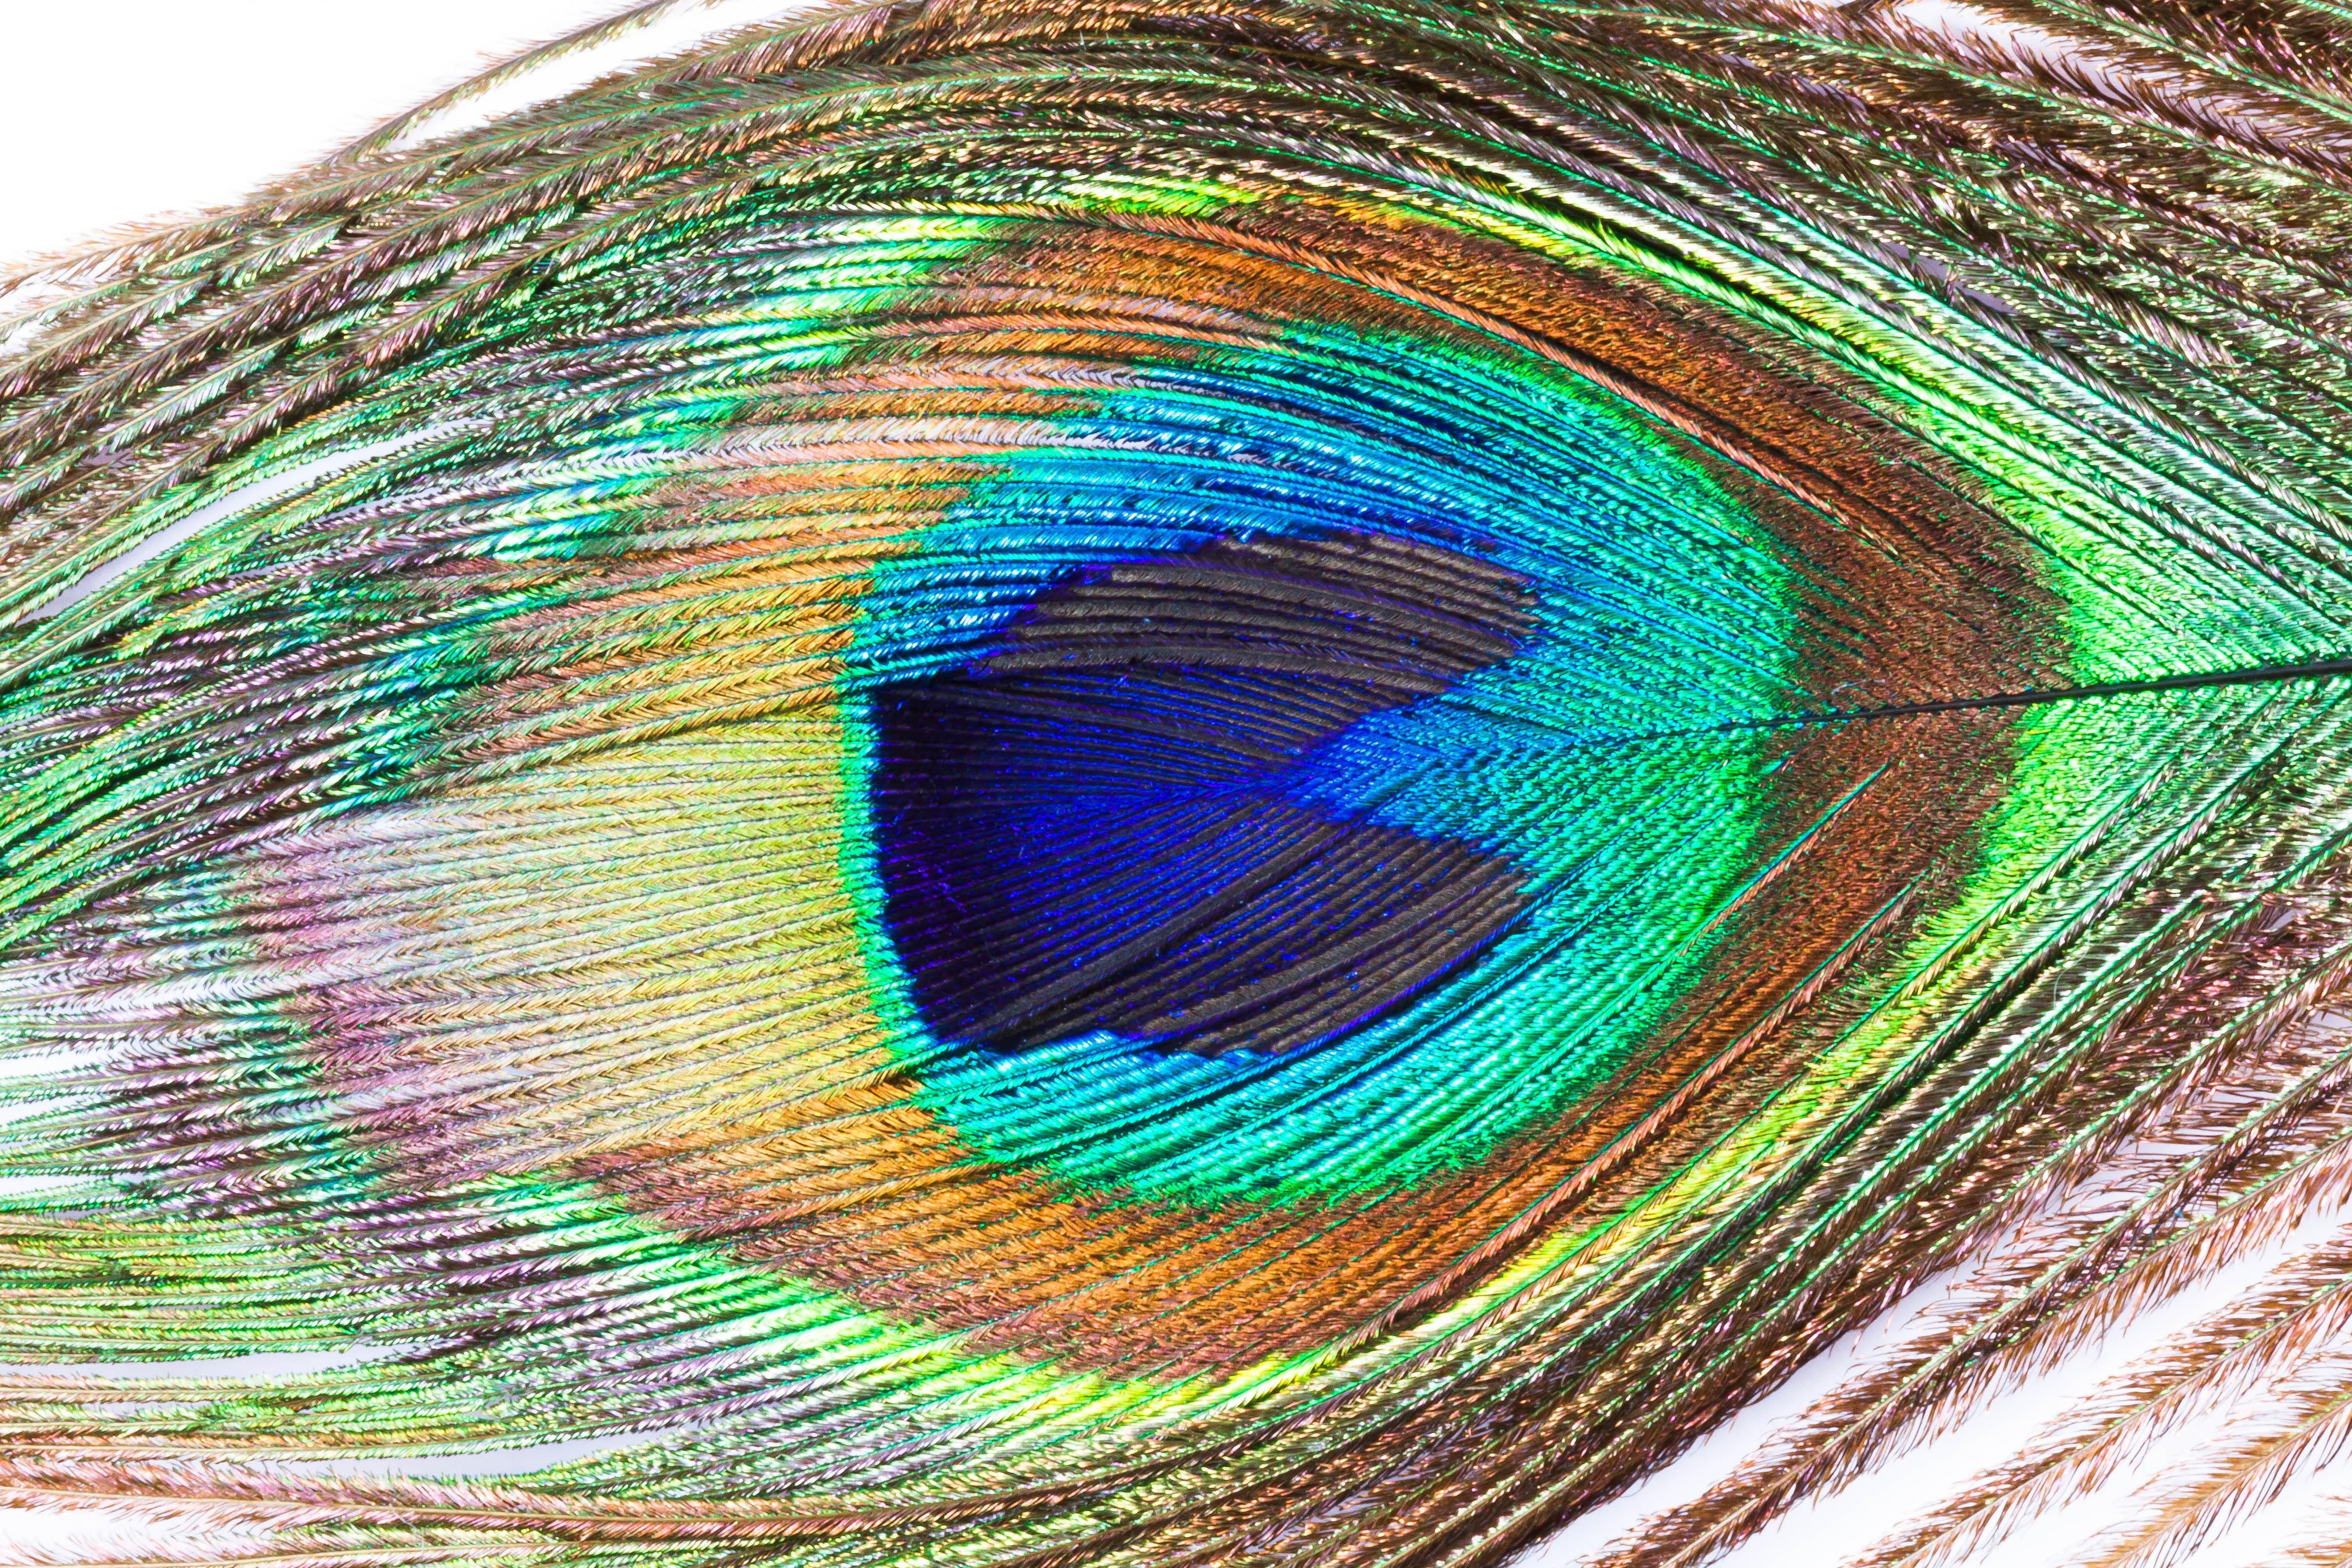 Immagini Belle Ala Struttura Verde Colore Macro Colorato